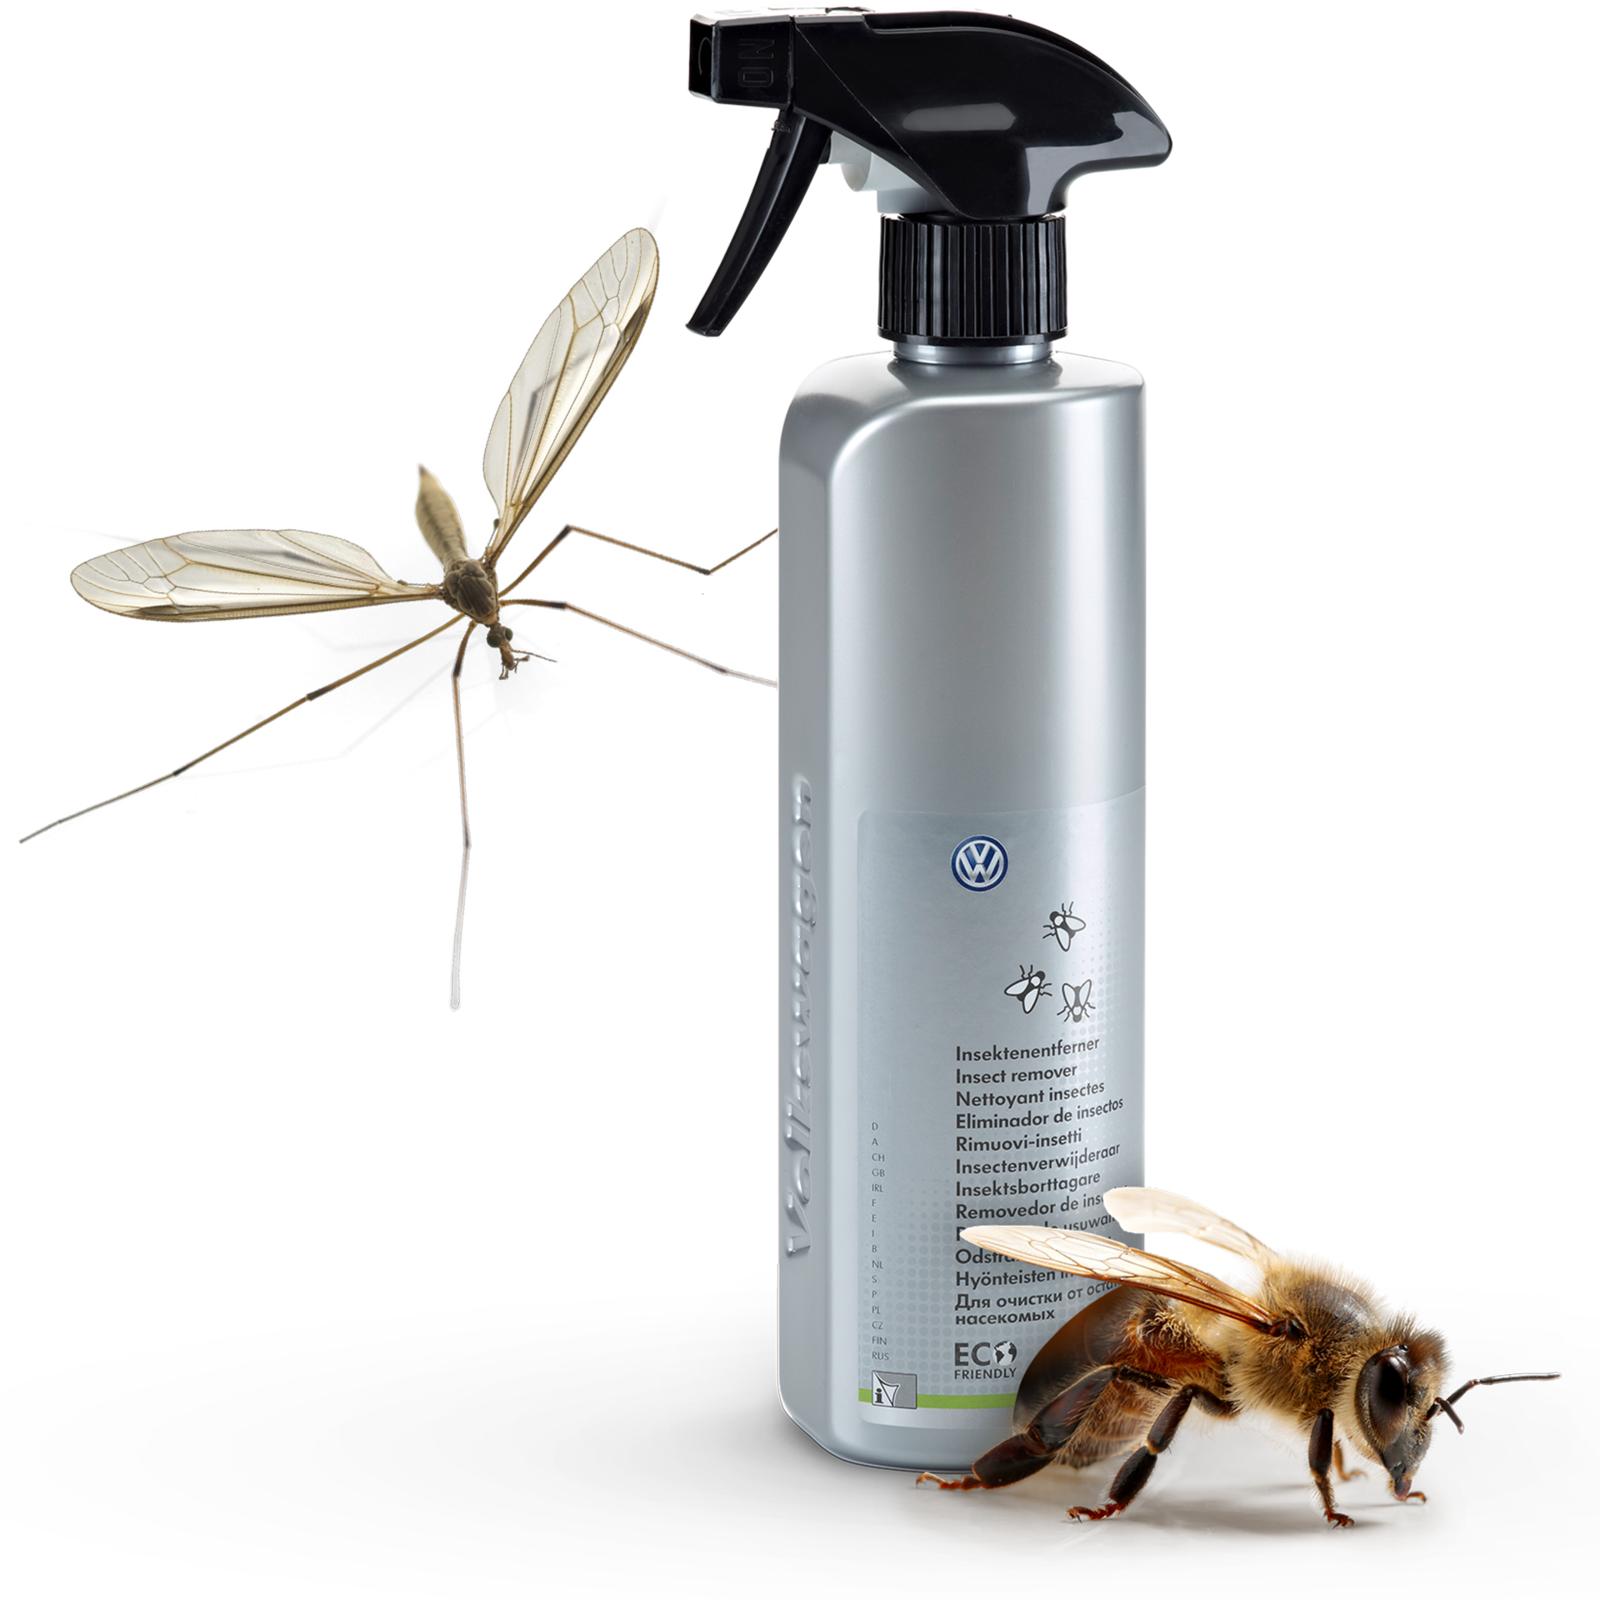 Insektenentferner 500 ml